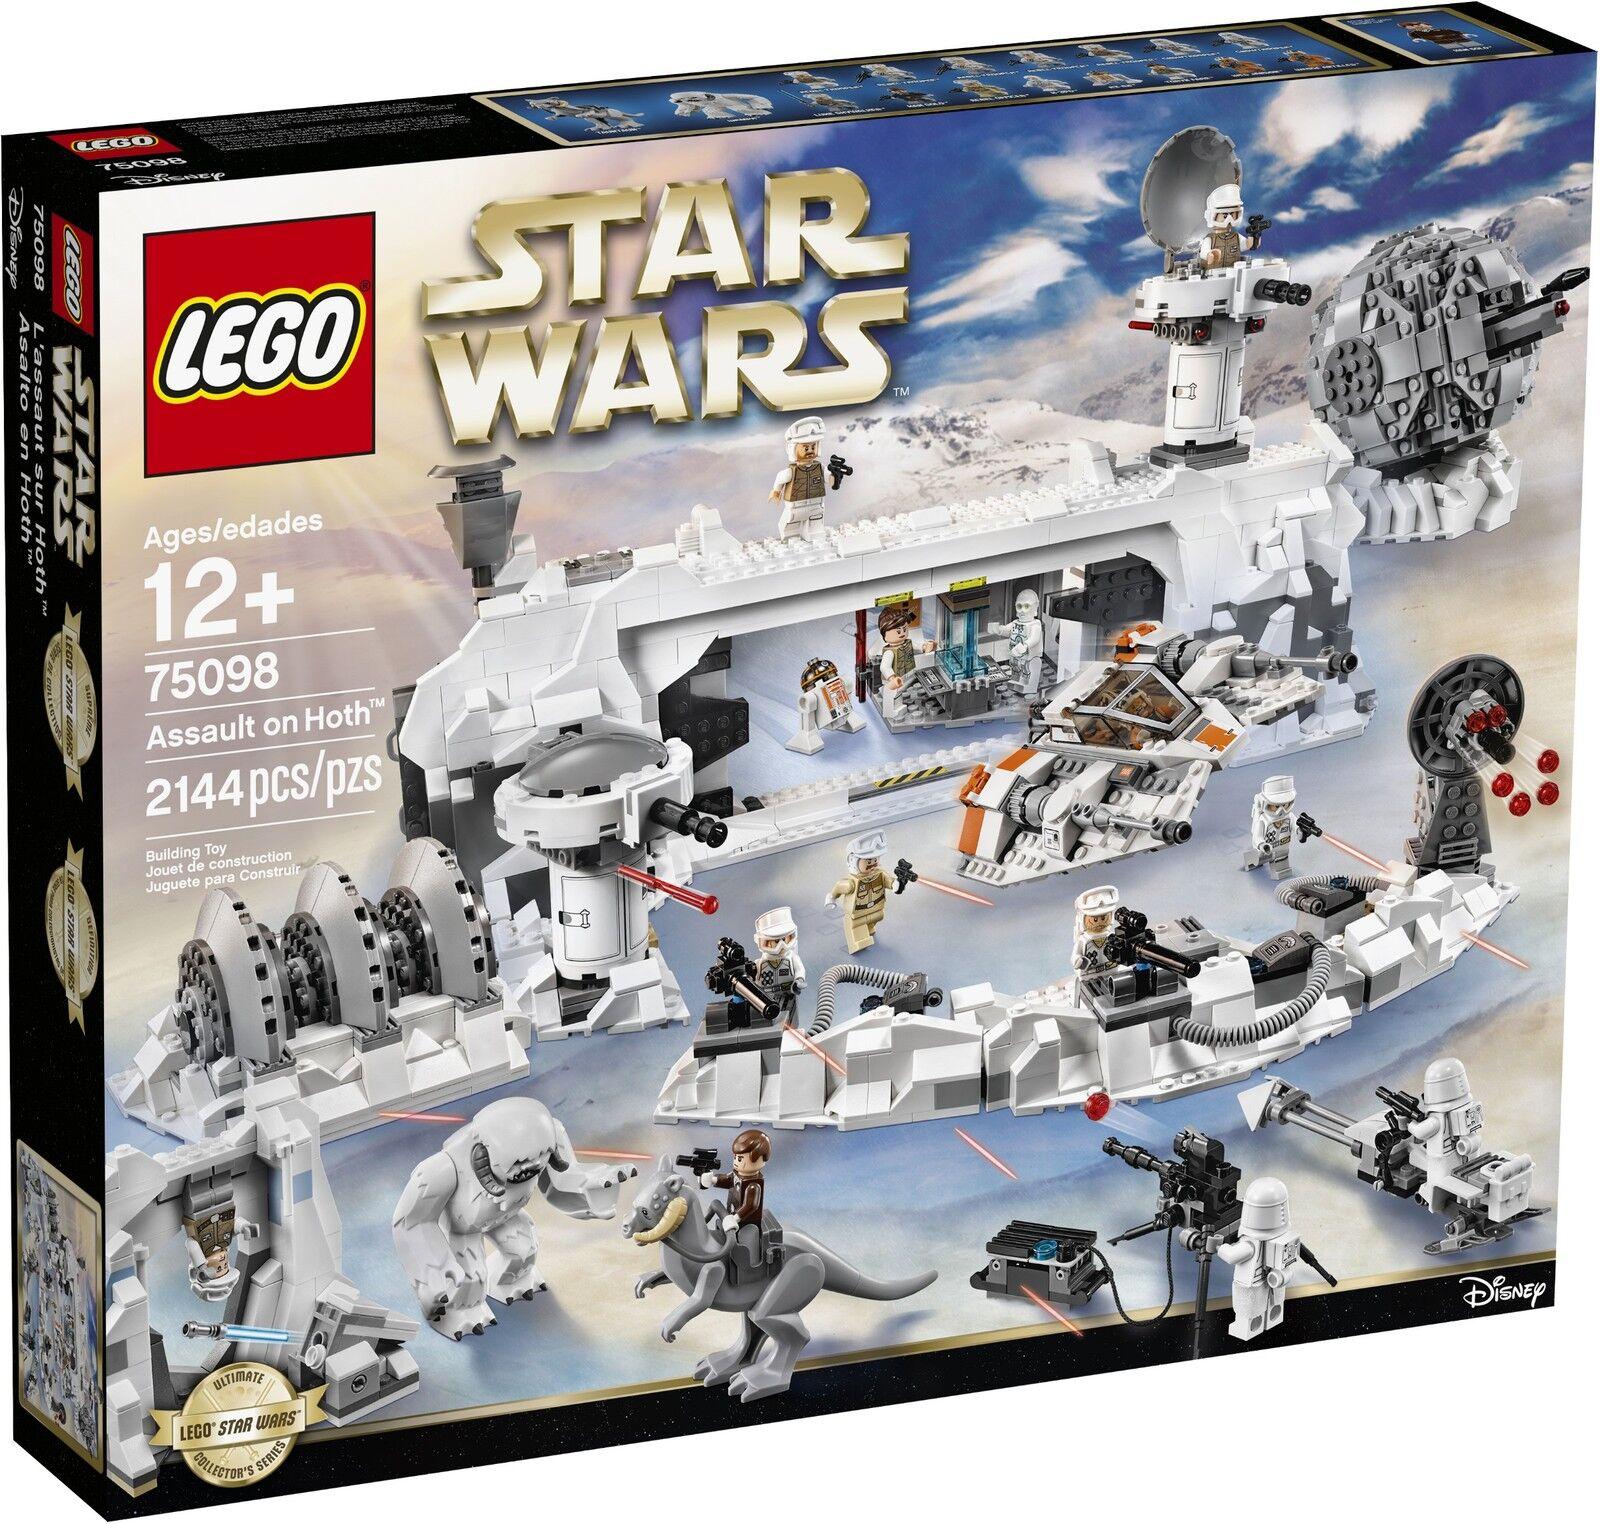 LEGO ® Star Wars ™ 75098 Assault On Hoth ™ Nouveau neuf dans sa boîte _ NEW En parfait état, dans sa boîte scellée Boîte d'origine jamais ouverte A-Condition